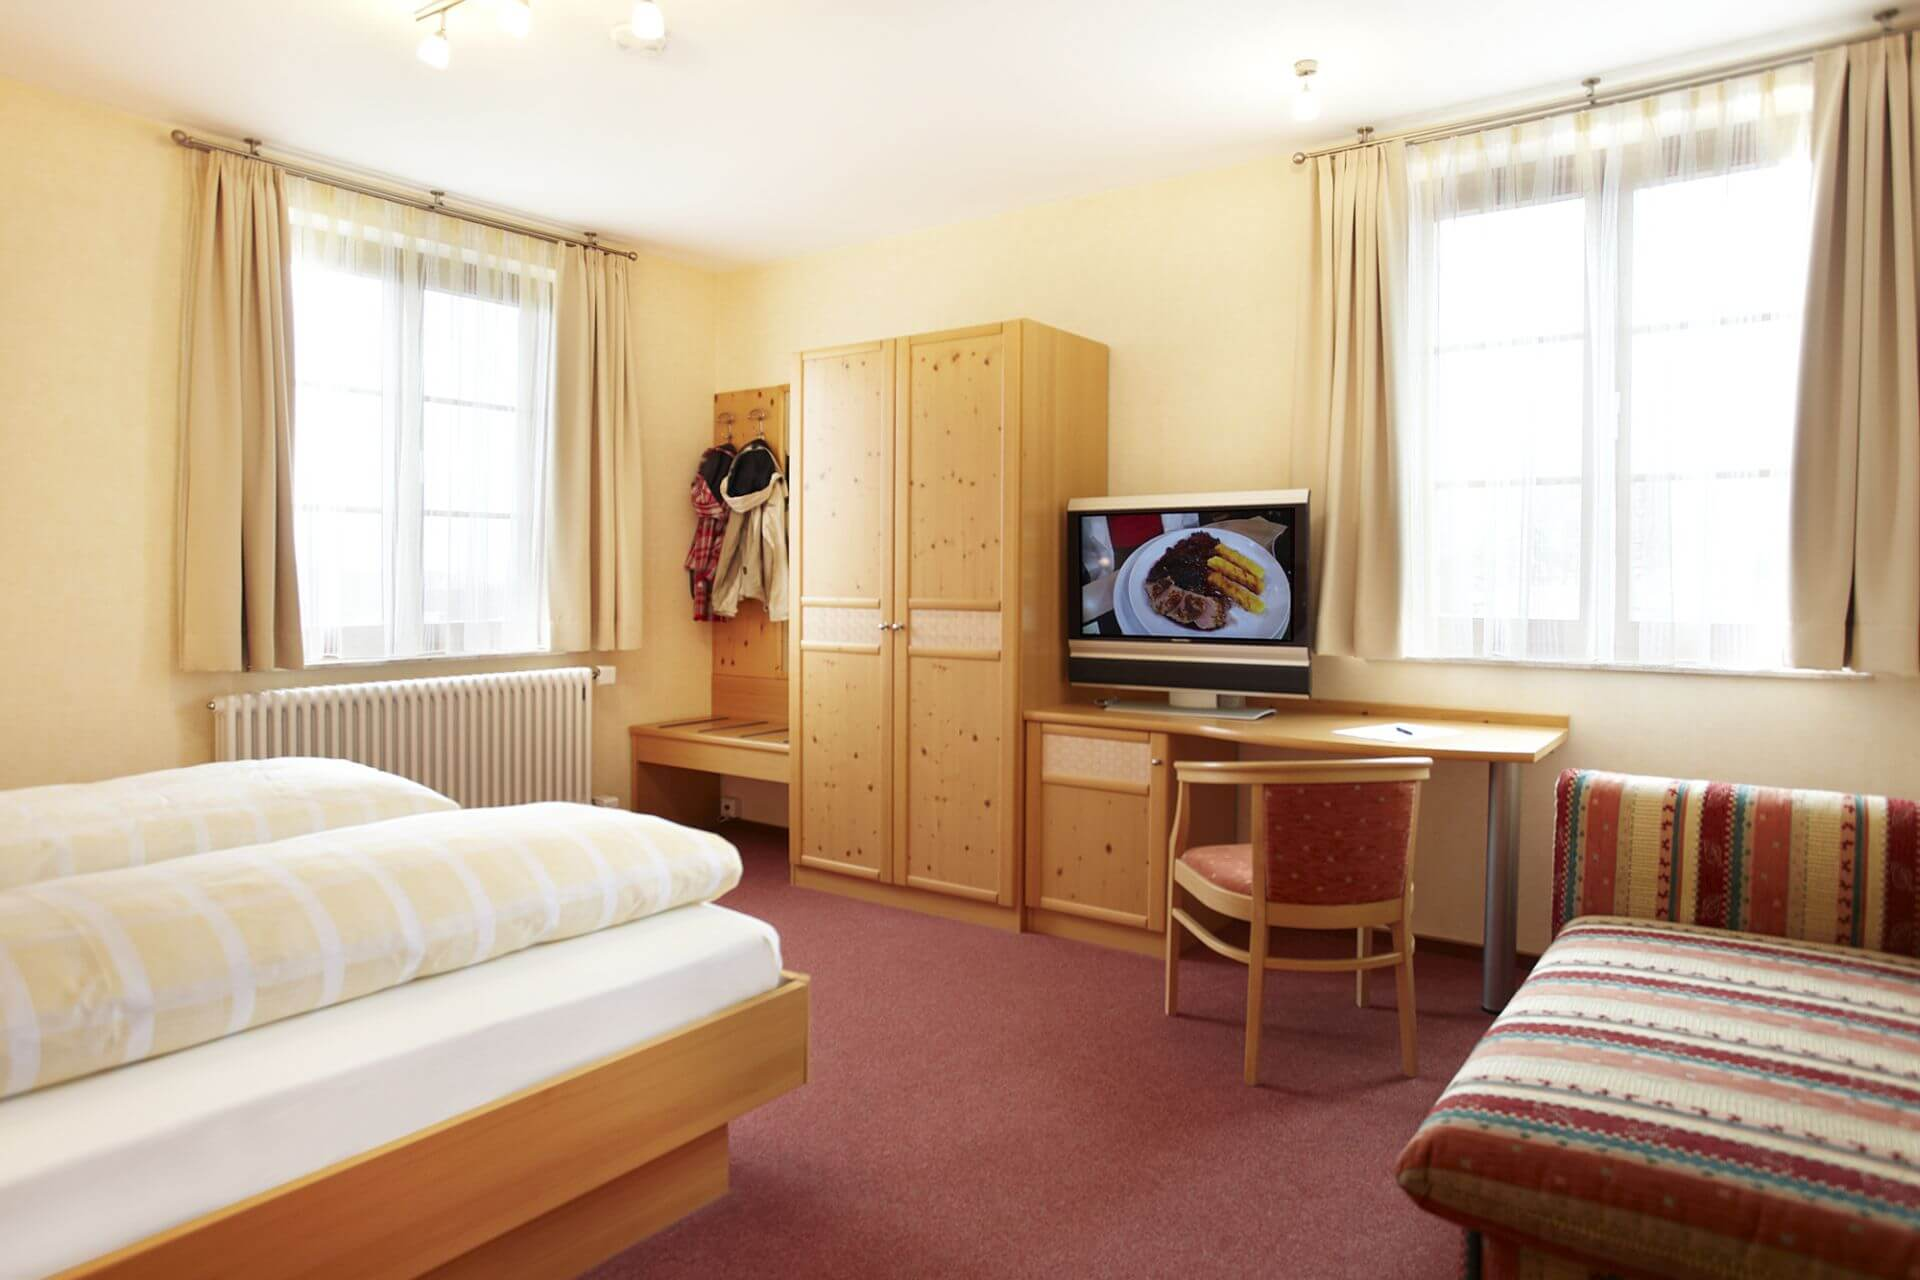 Doppelzimmer - Gasthof zum Löwen Wilflingen bei Langenenslingen